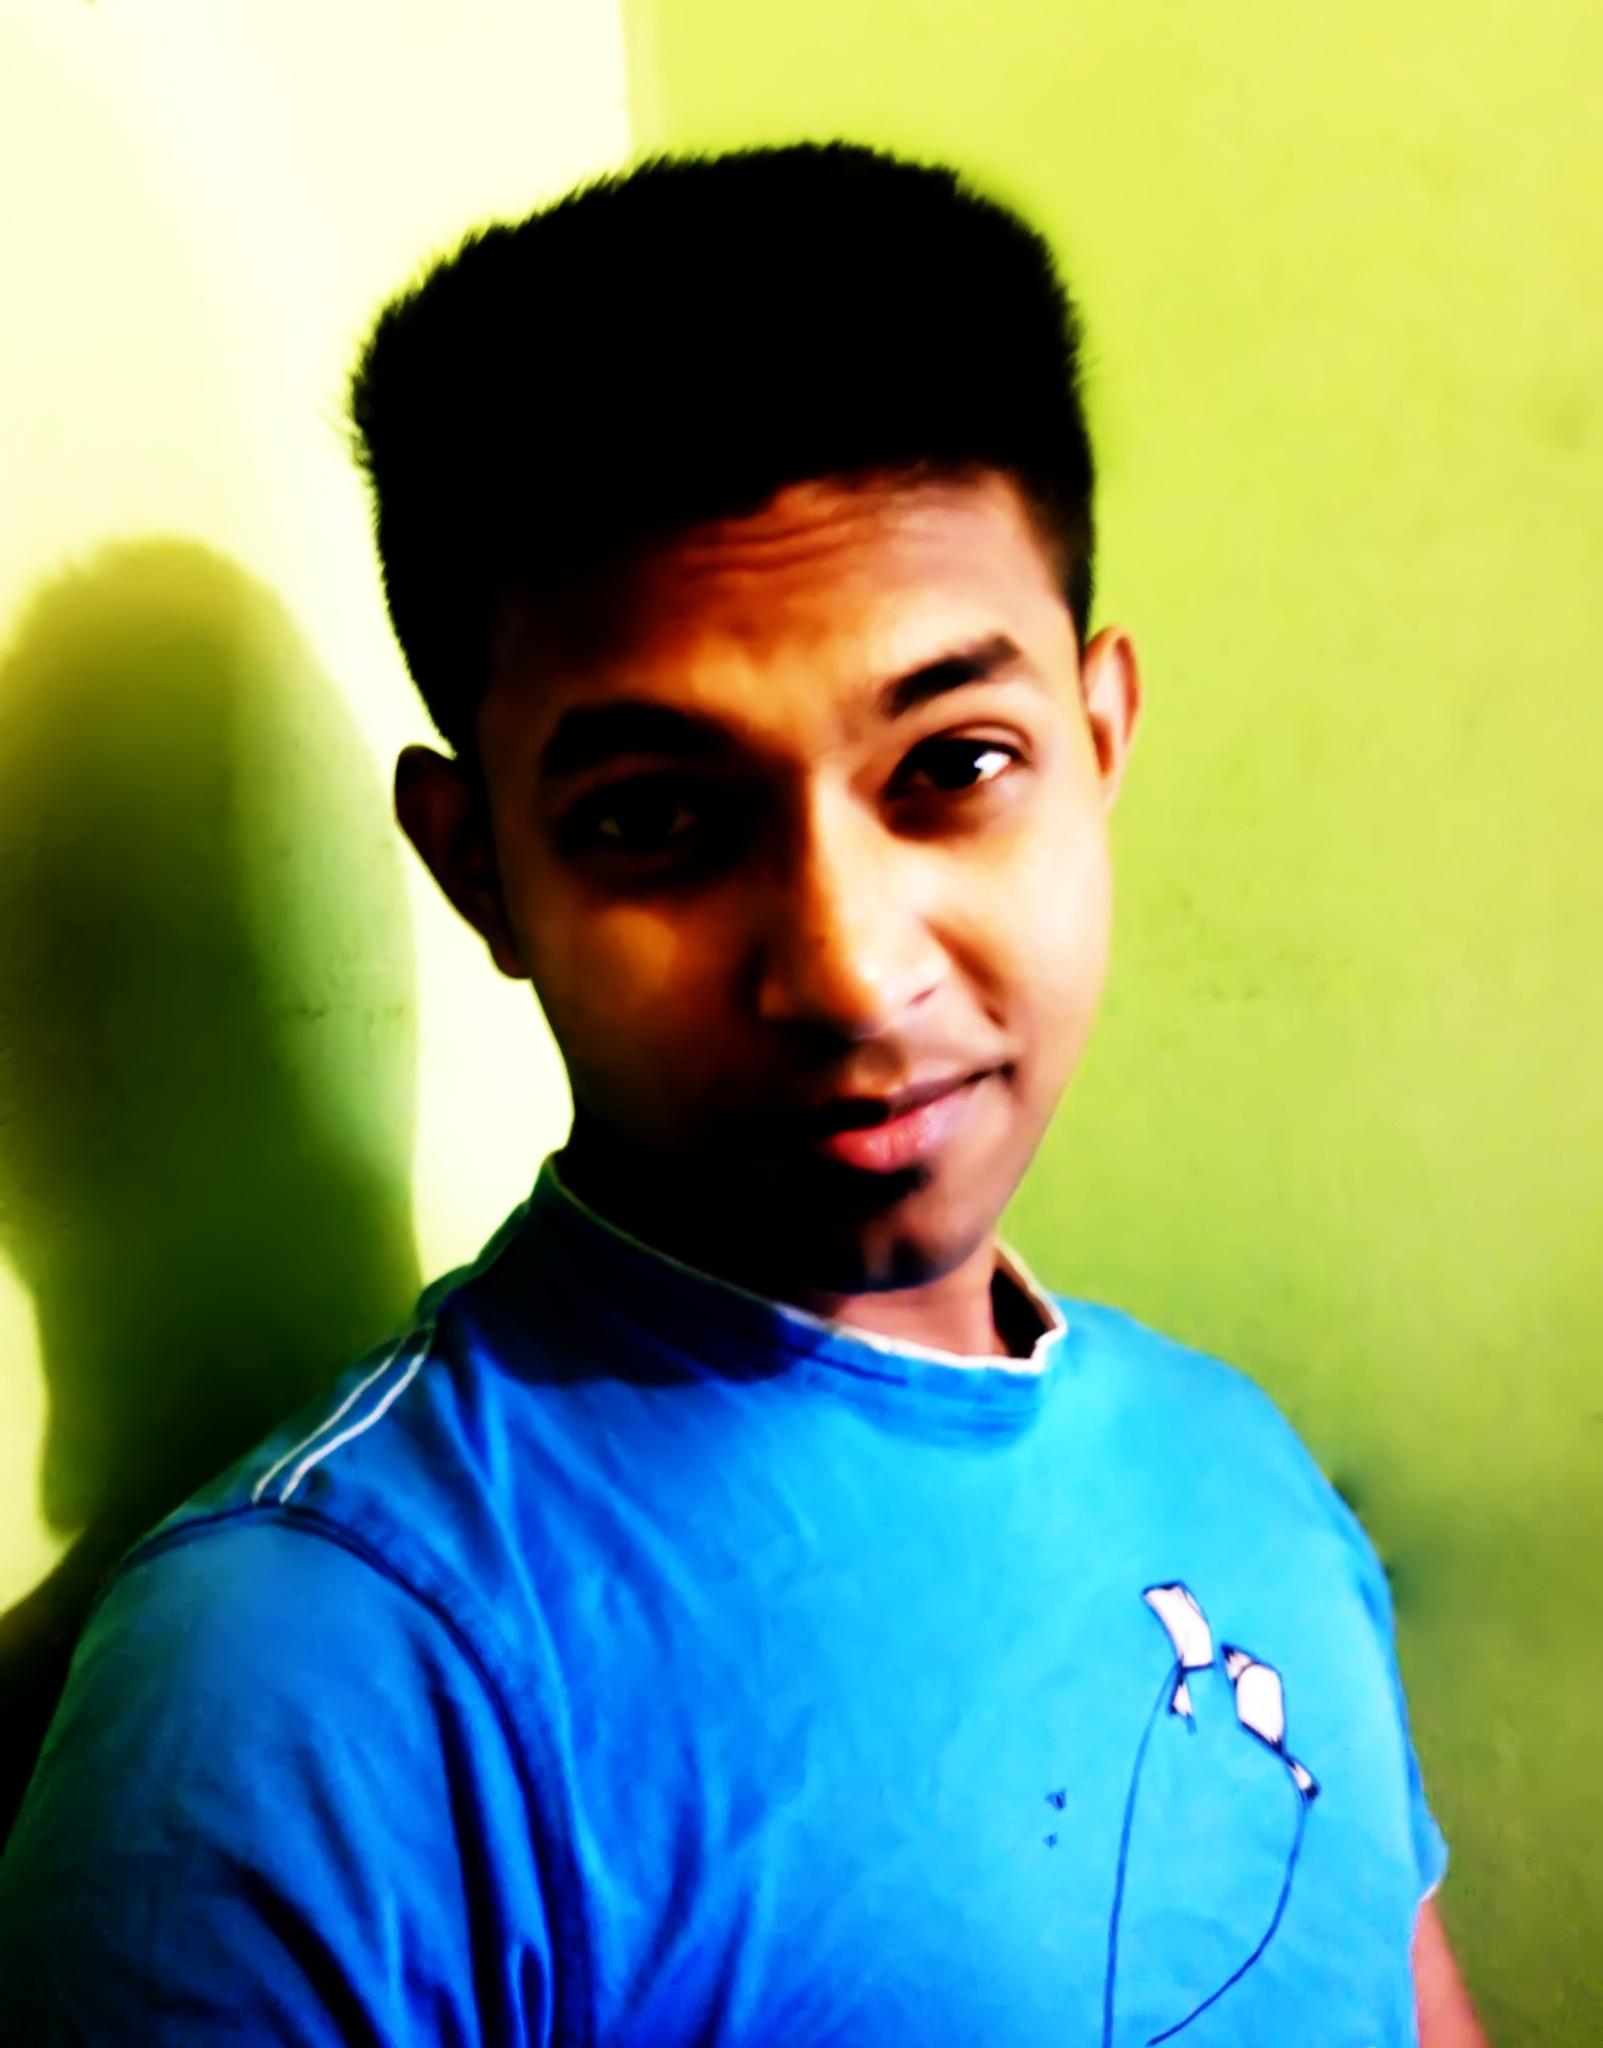 Its Me by Rifan